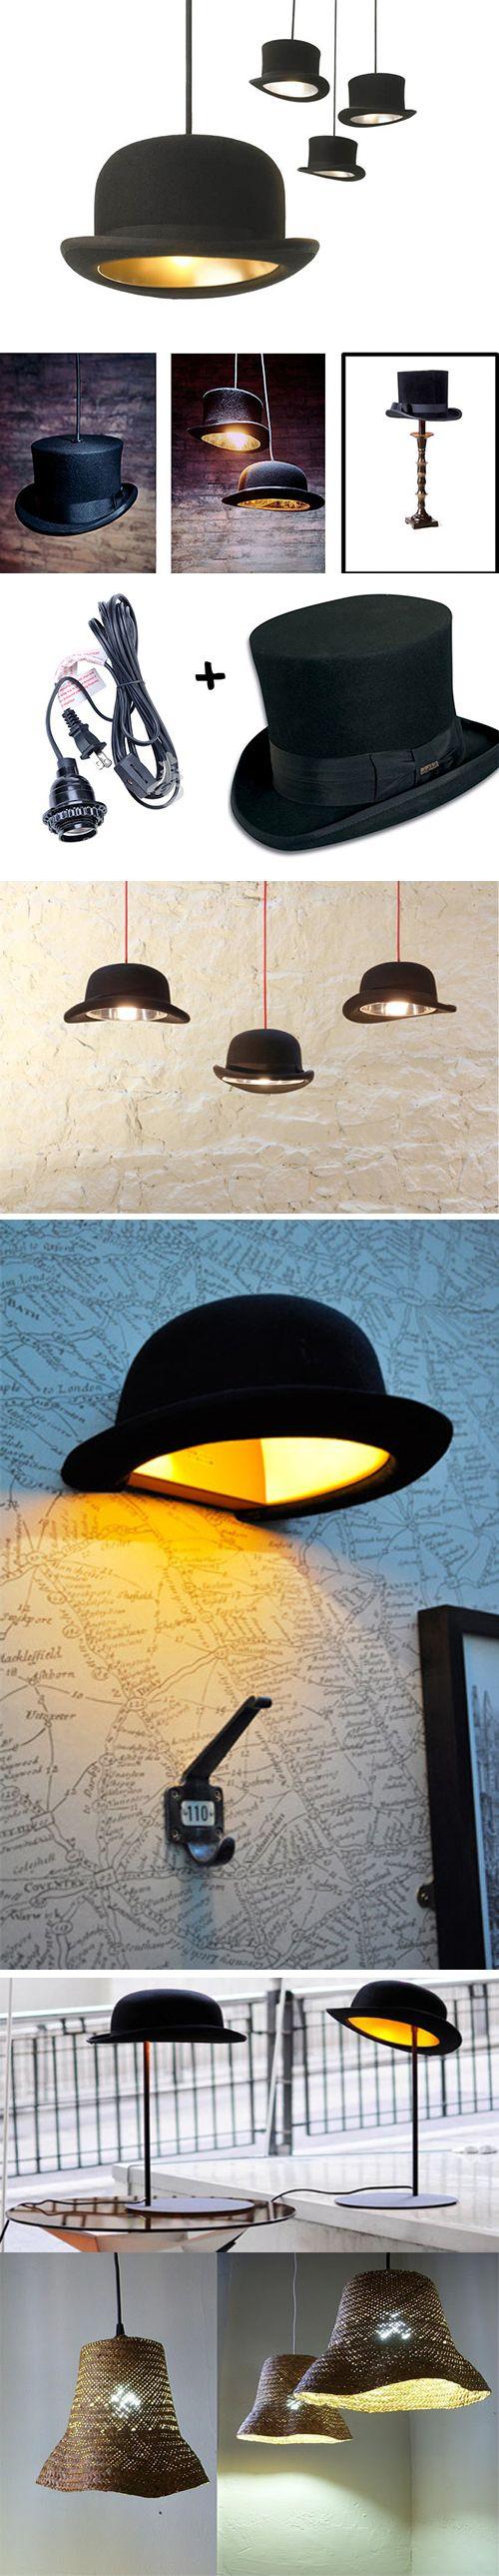 Bombette, Cilindri e altri cappelli come trasformate in lampade #reuse #diy / Lámparas hechas con sombreros